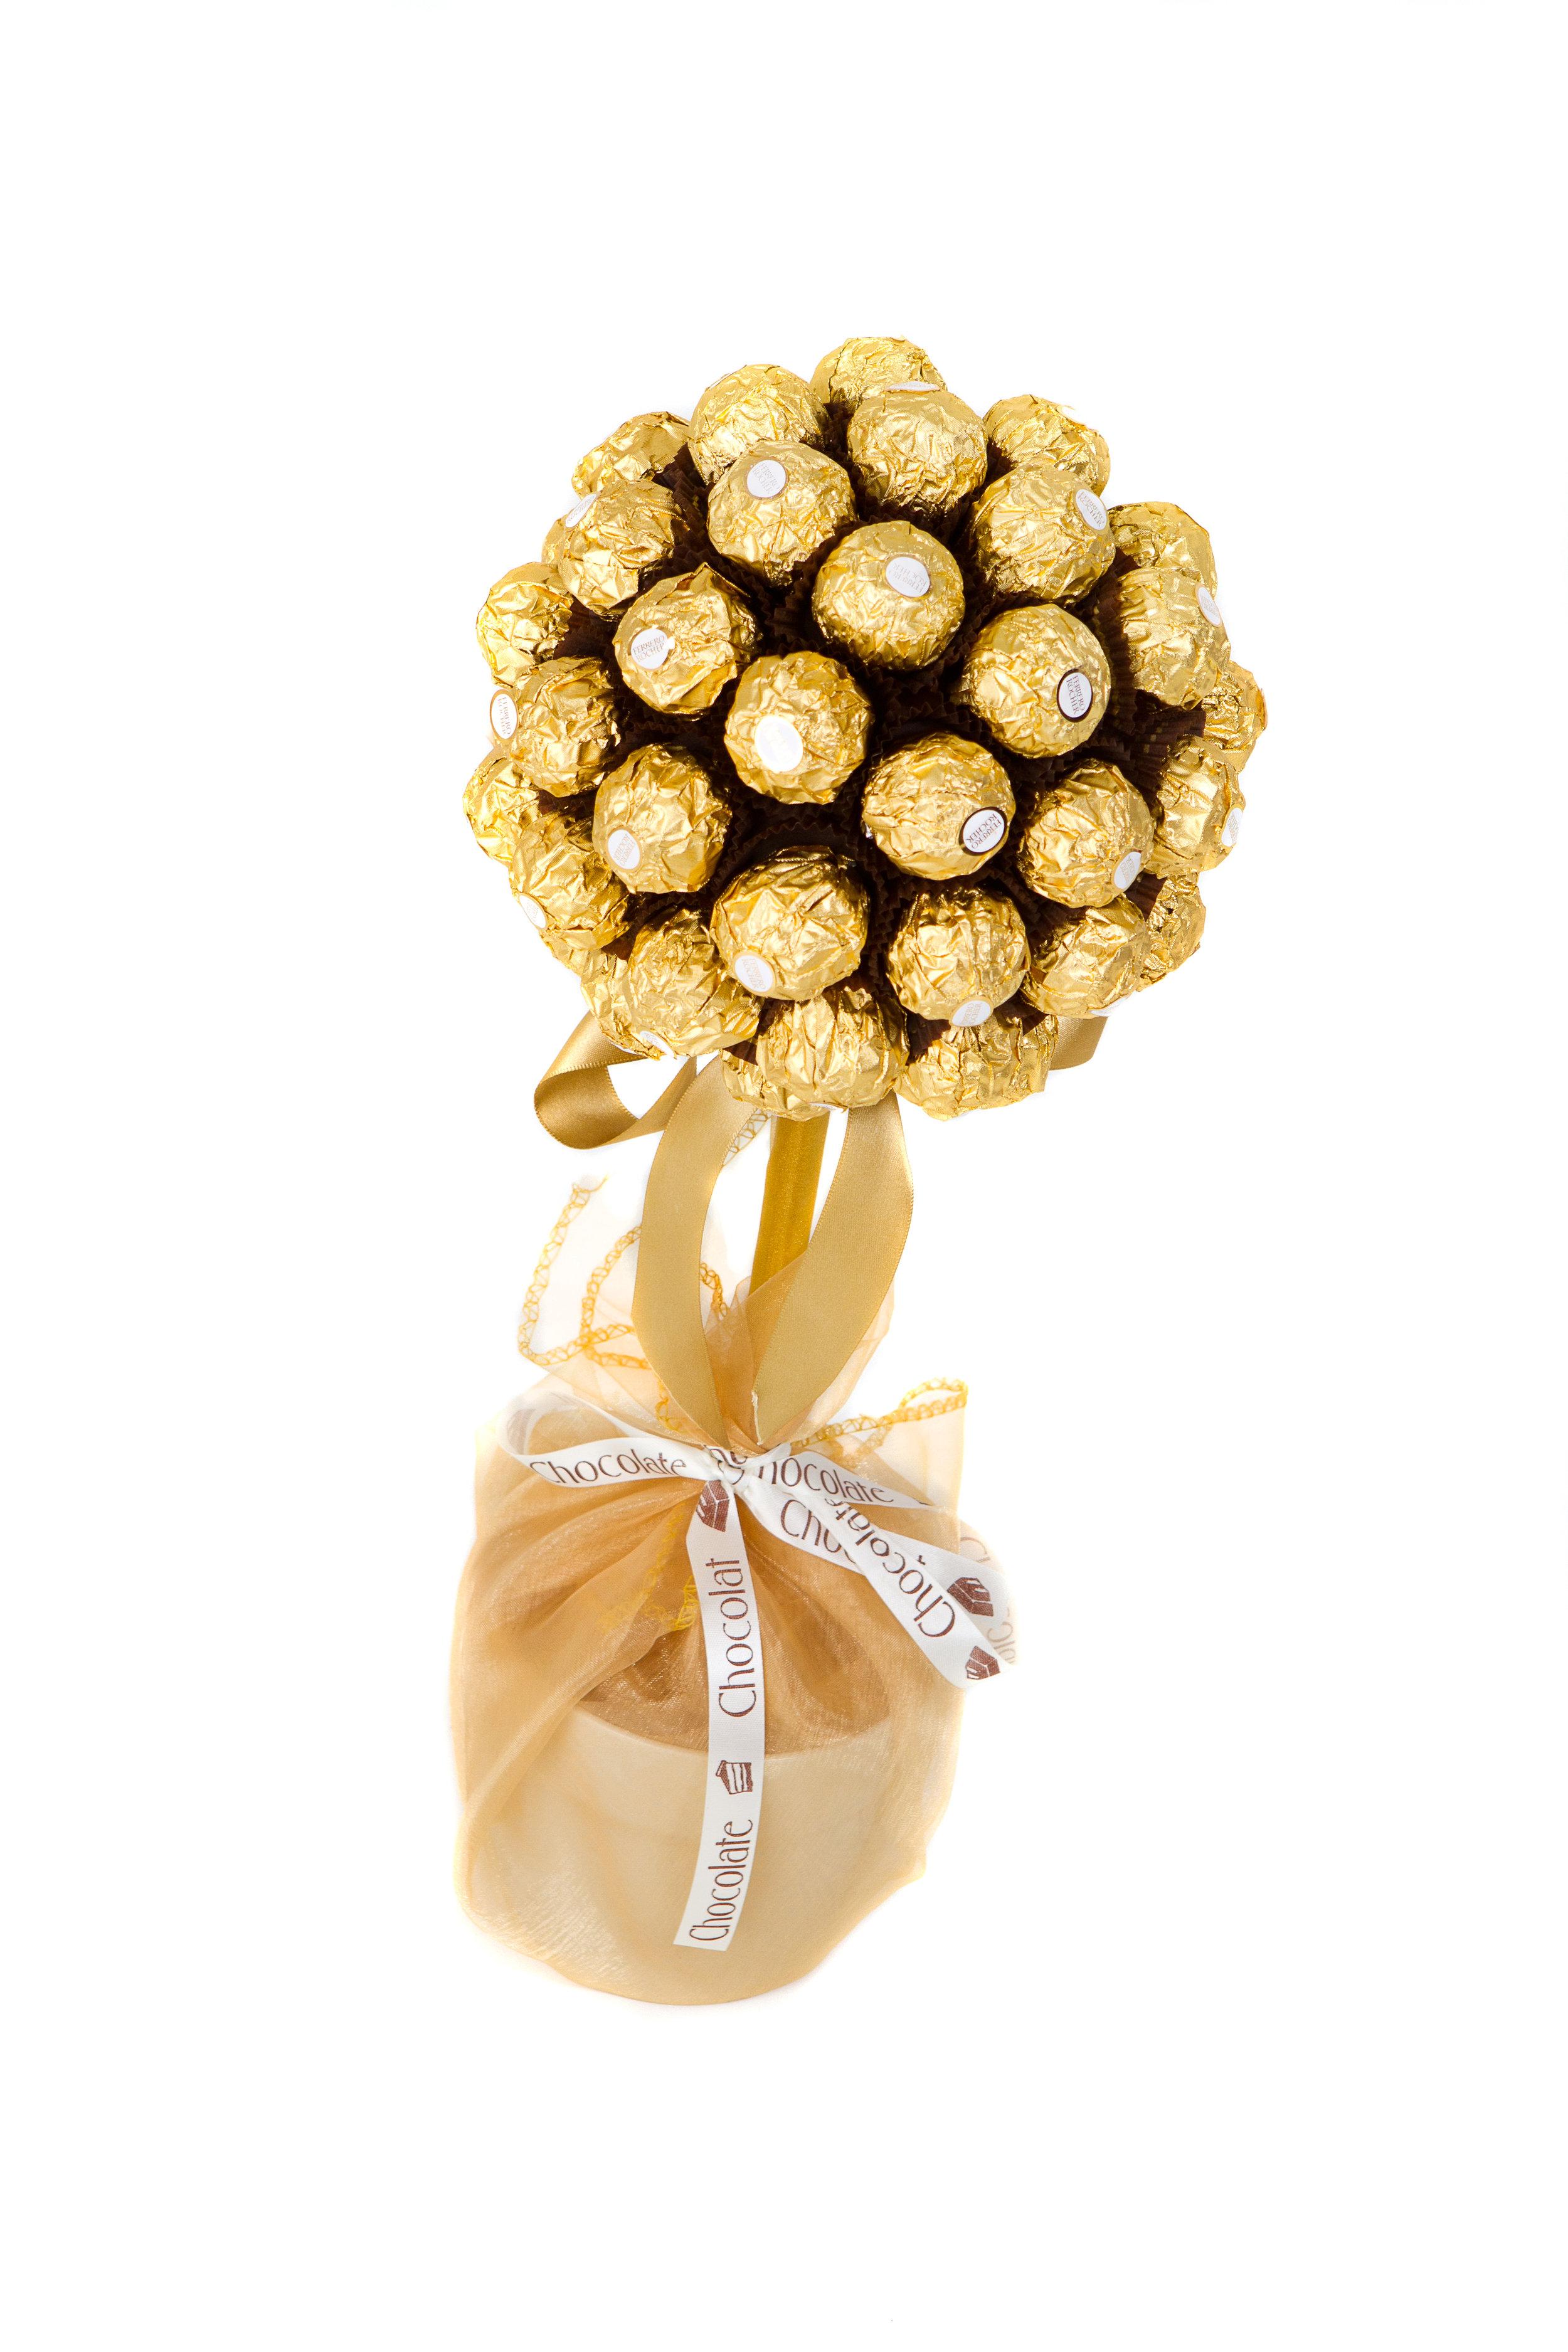 Ferrero Rocher Tree.jpg